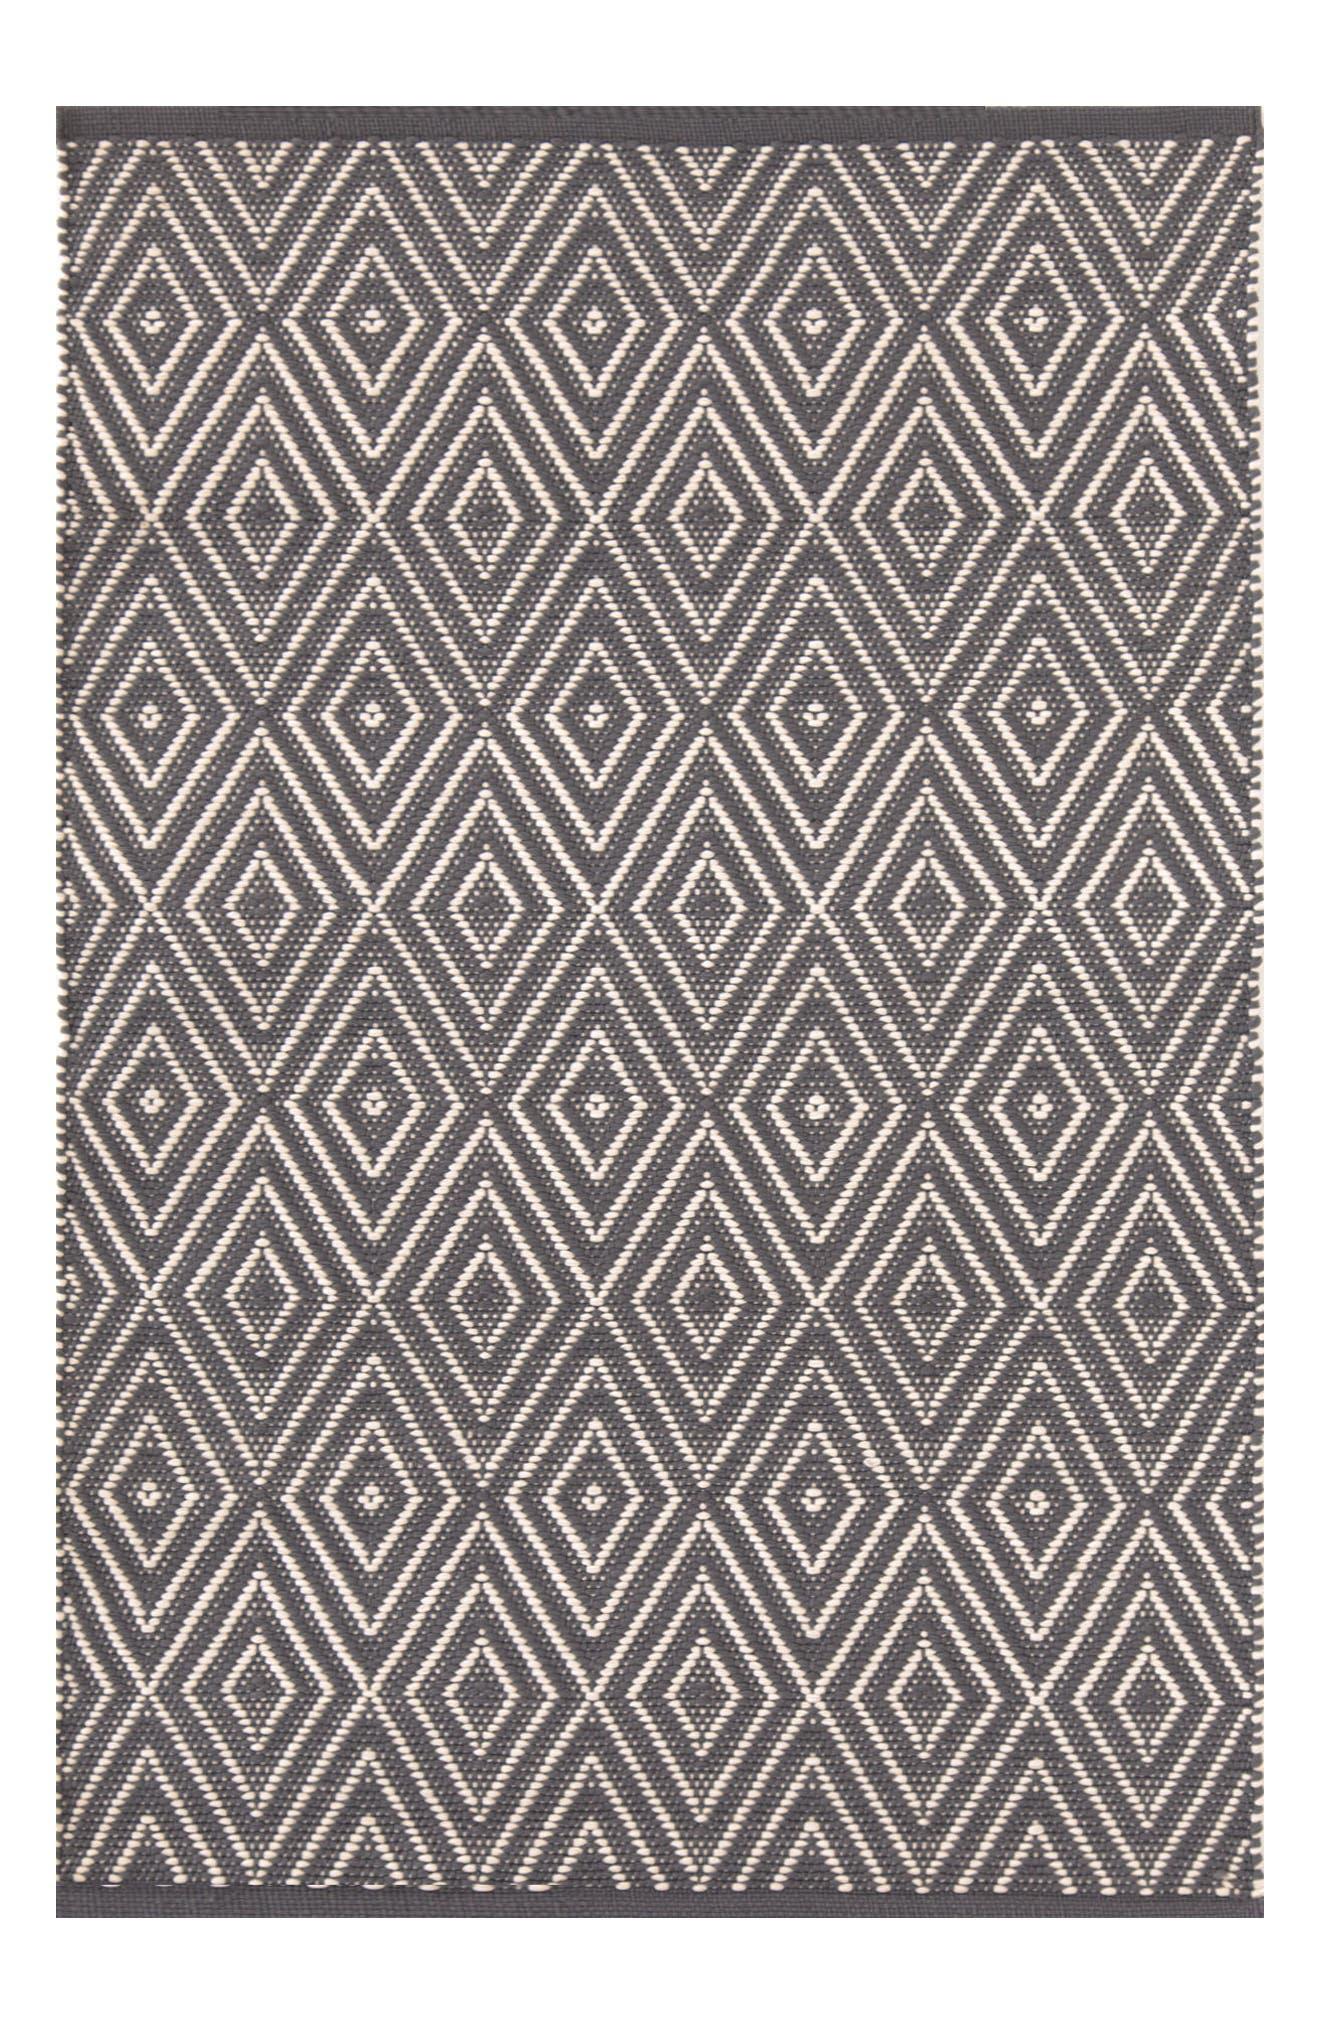 Diamond Print Rug,                         Main,                         color, GREY